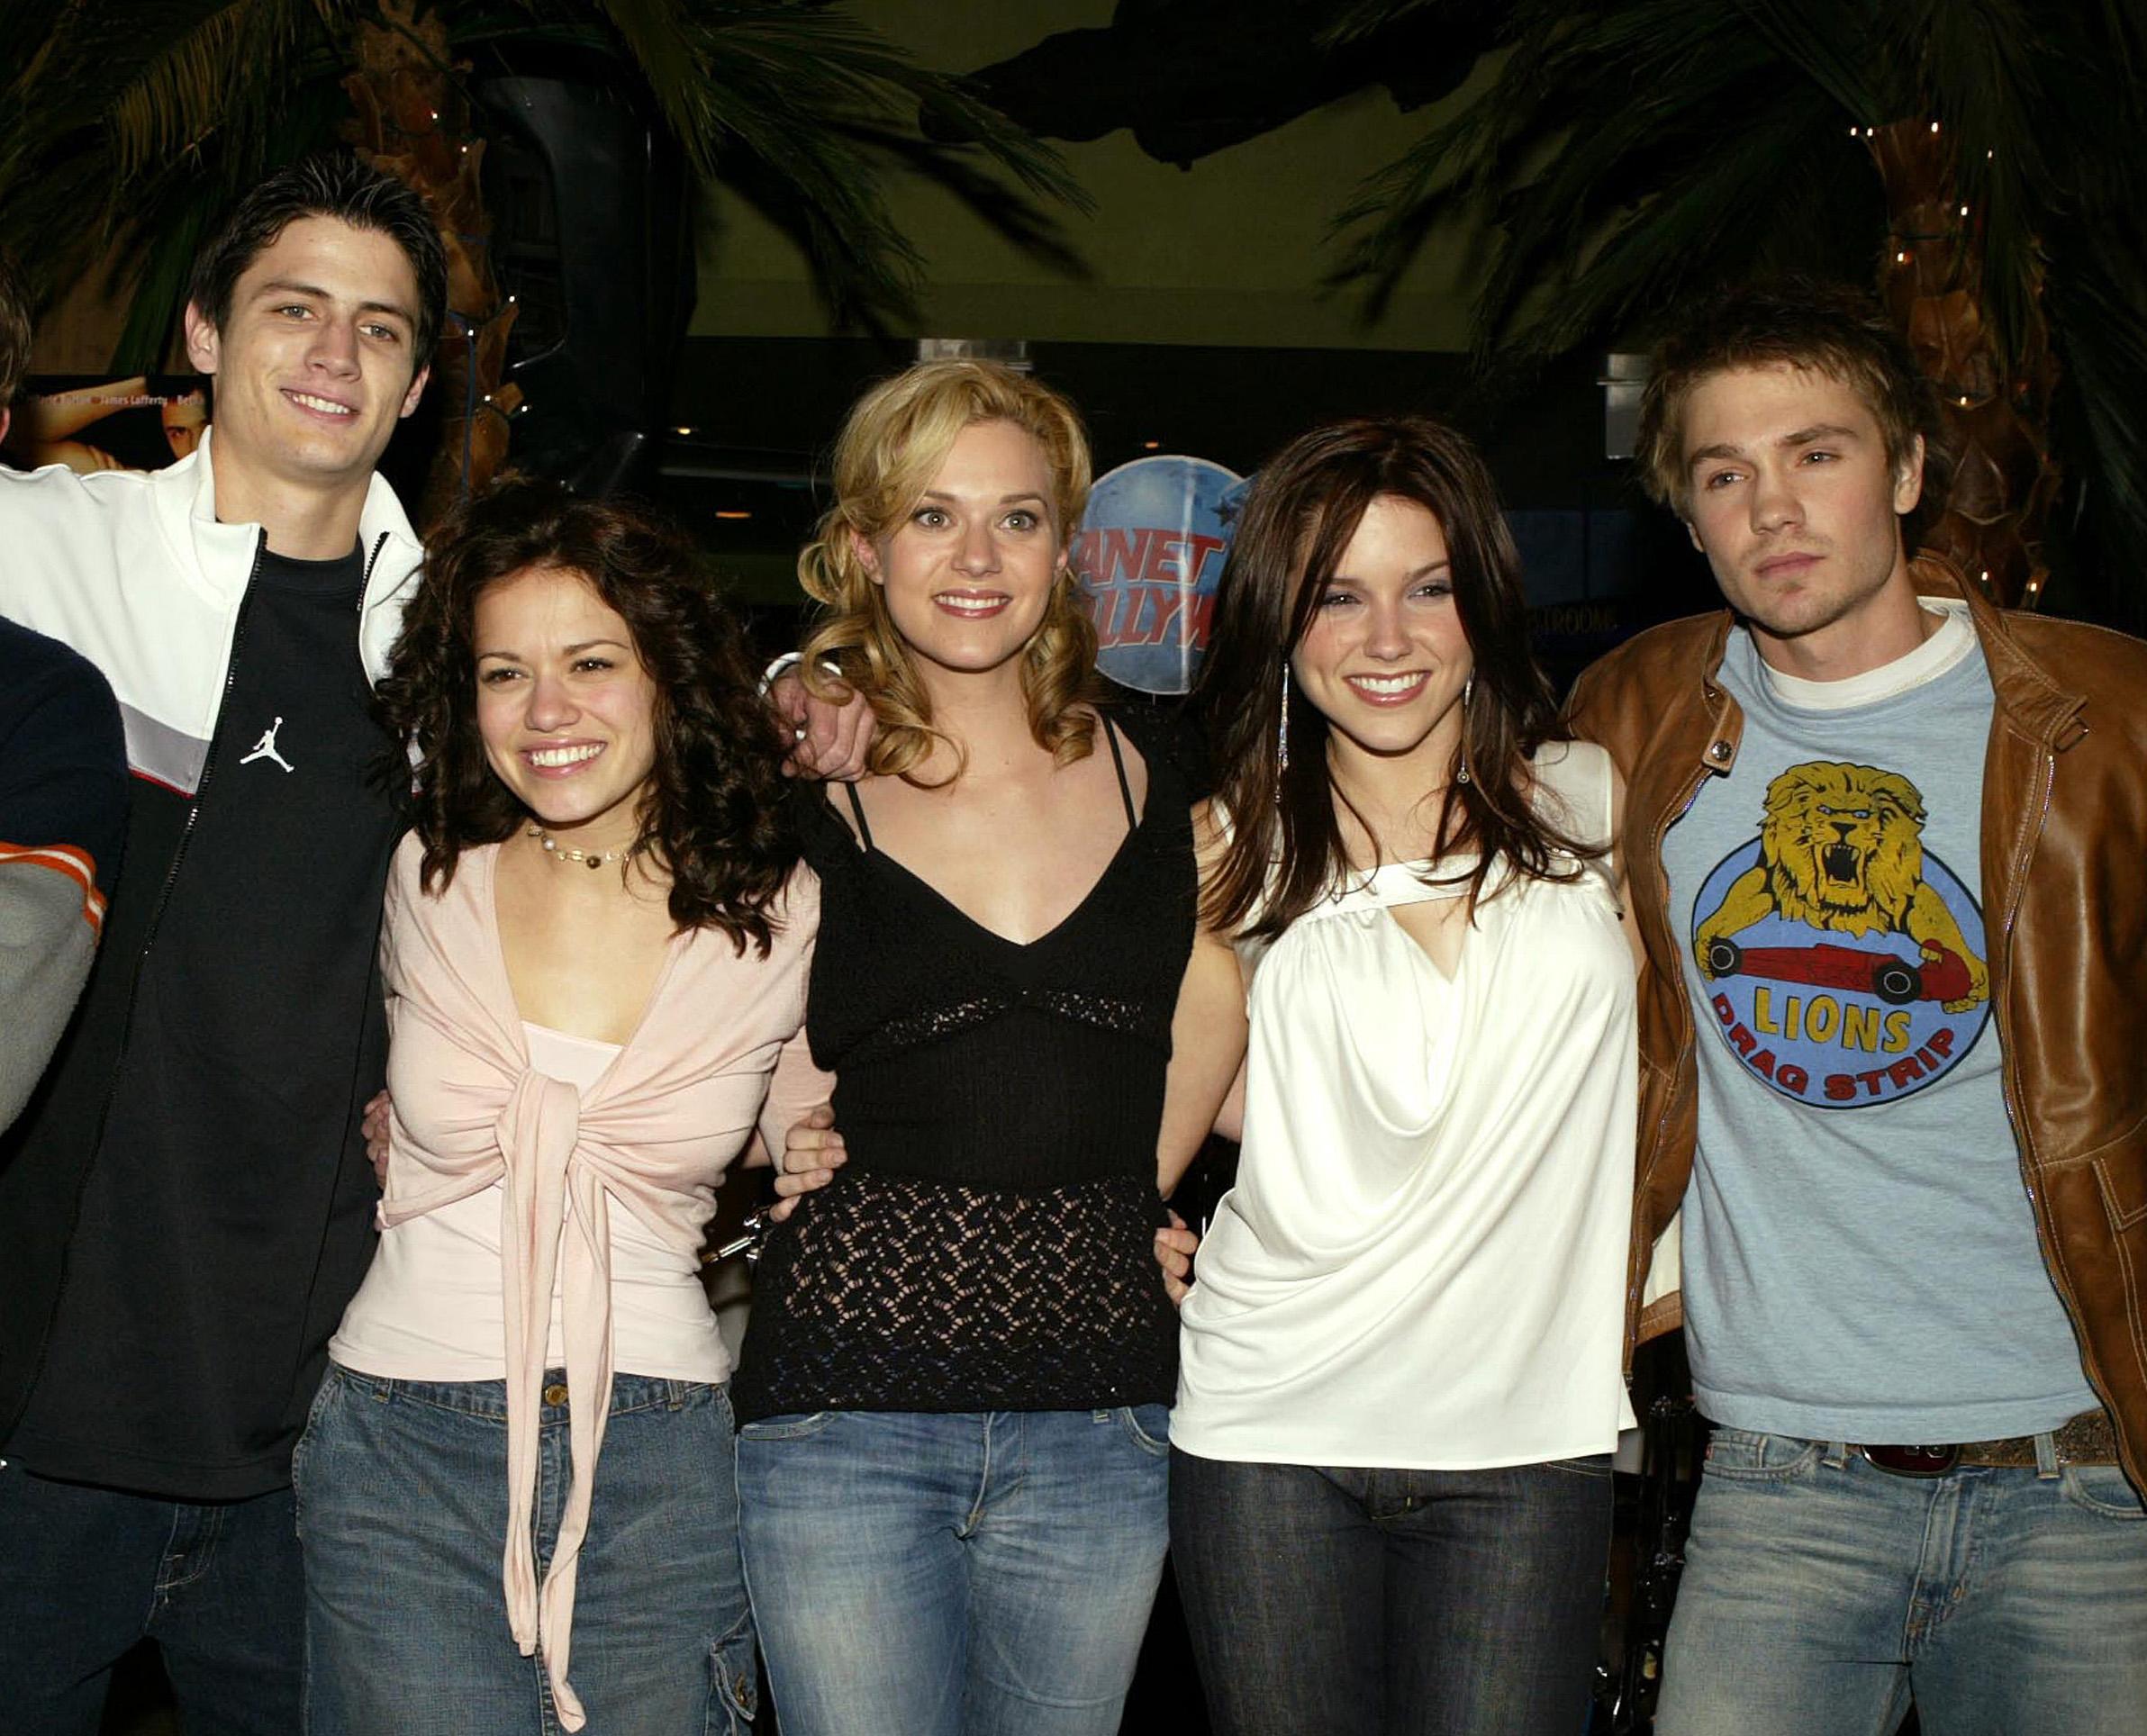 <p>One tree hill - започва излъчването си през 2003 g.</p>